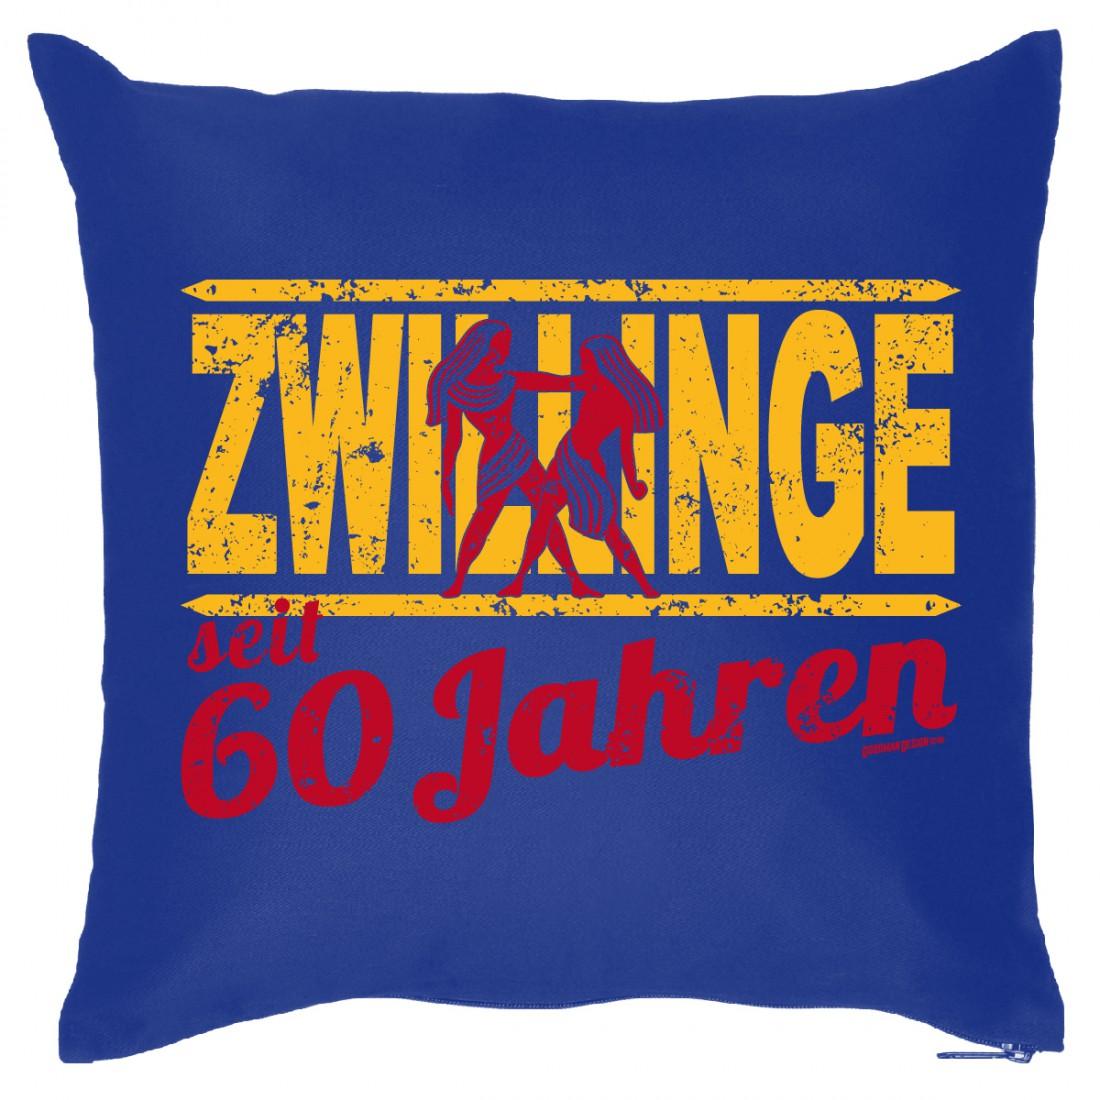 sternzeichen kissenbezug 60 geburtstag zwillinge 60 jahre humor geschenk funwarestore. Black Bedroom Furniture Sets. Home Design Ideas